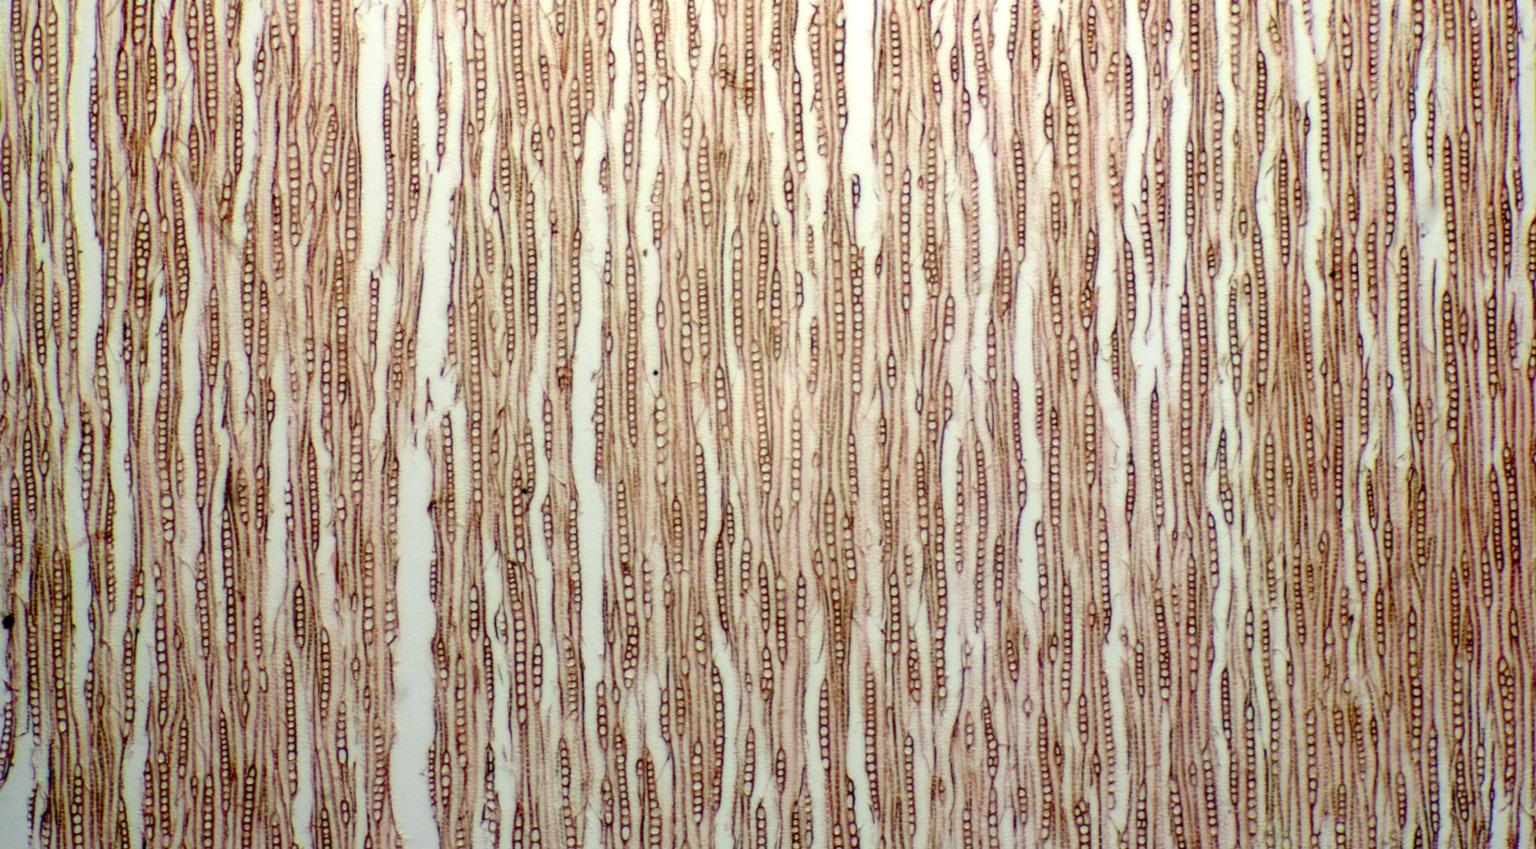 CELASTRACEAE Euonymus latifolius